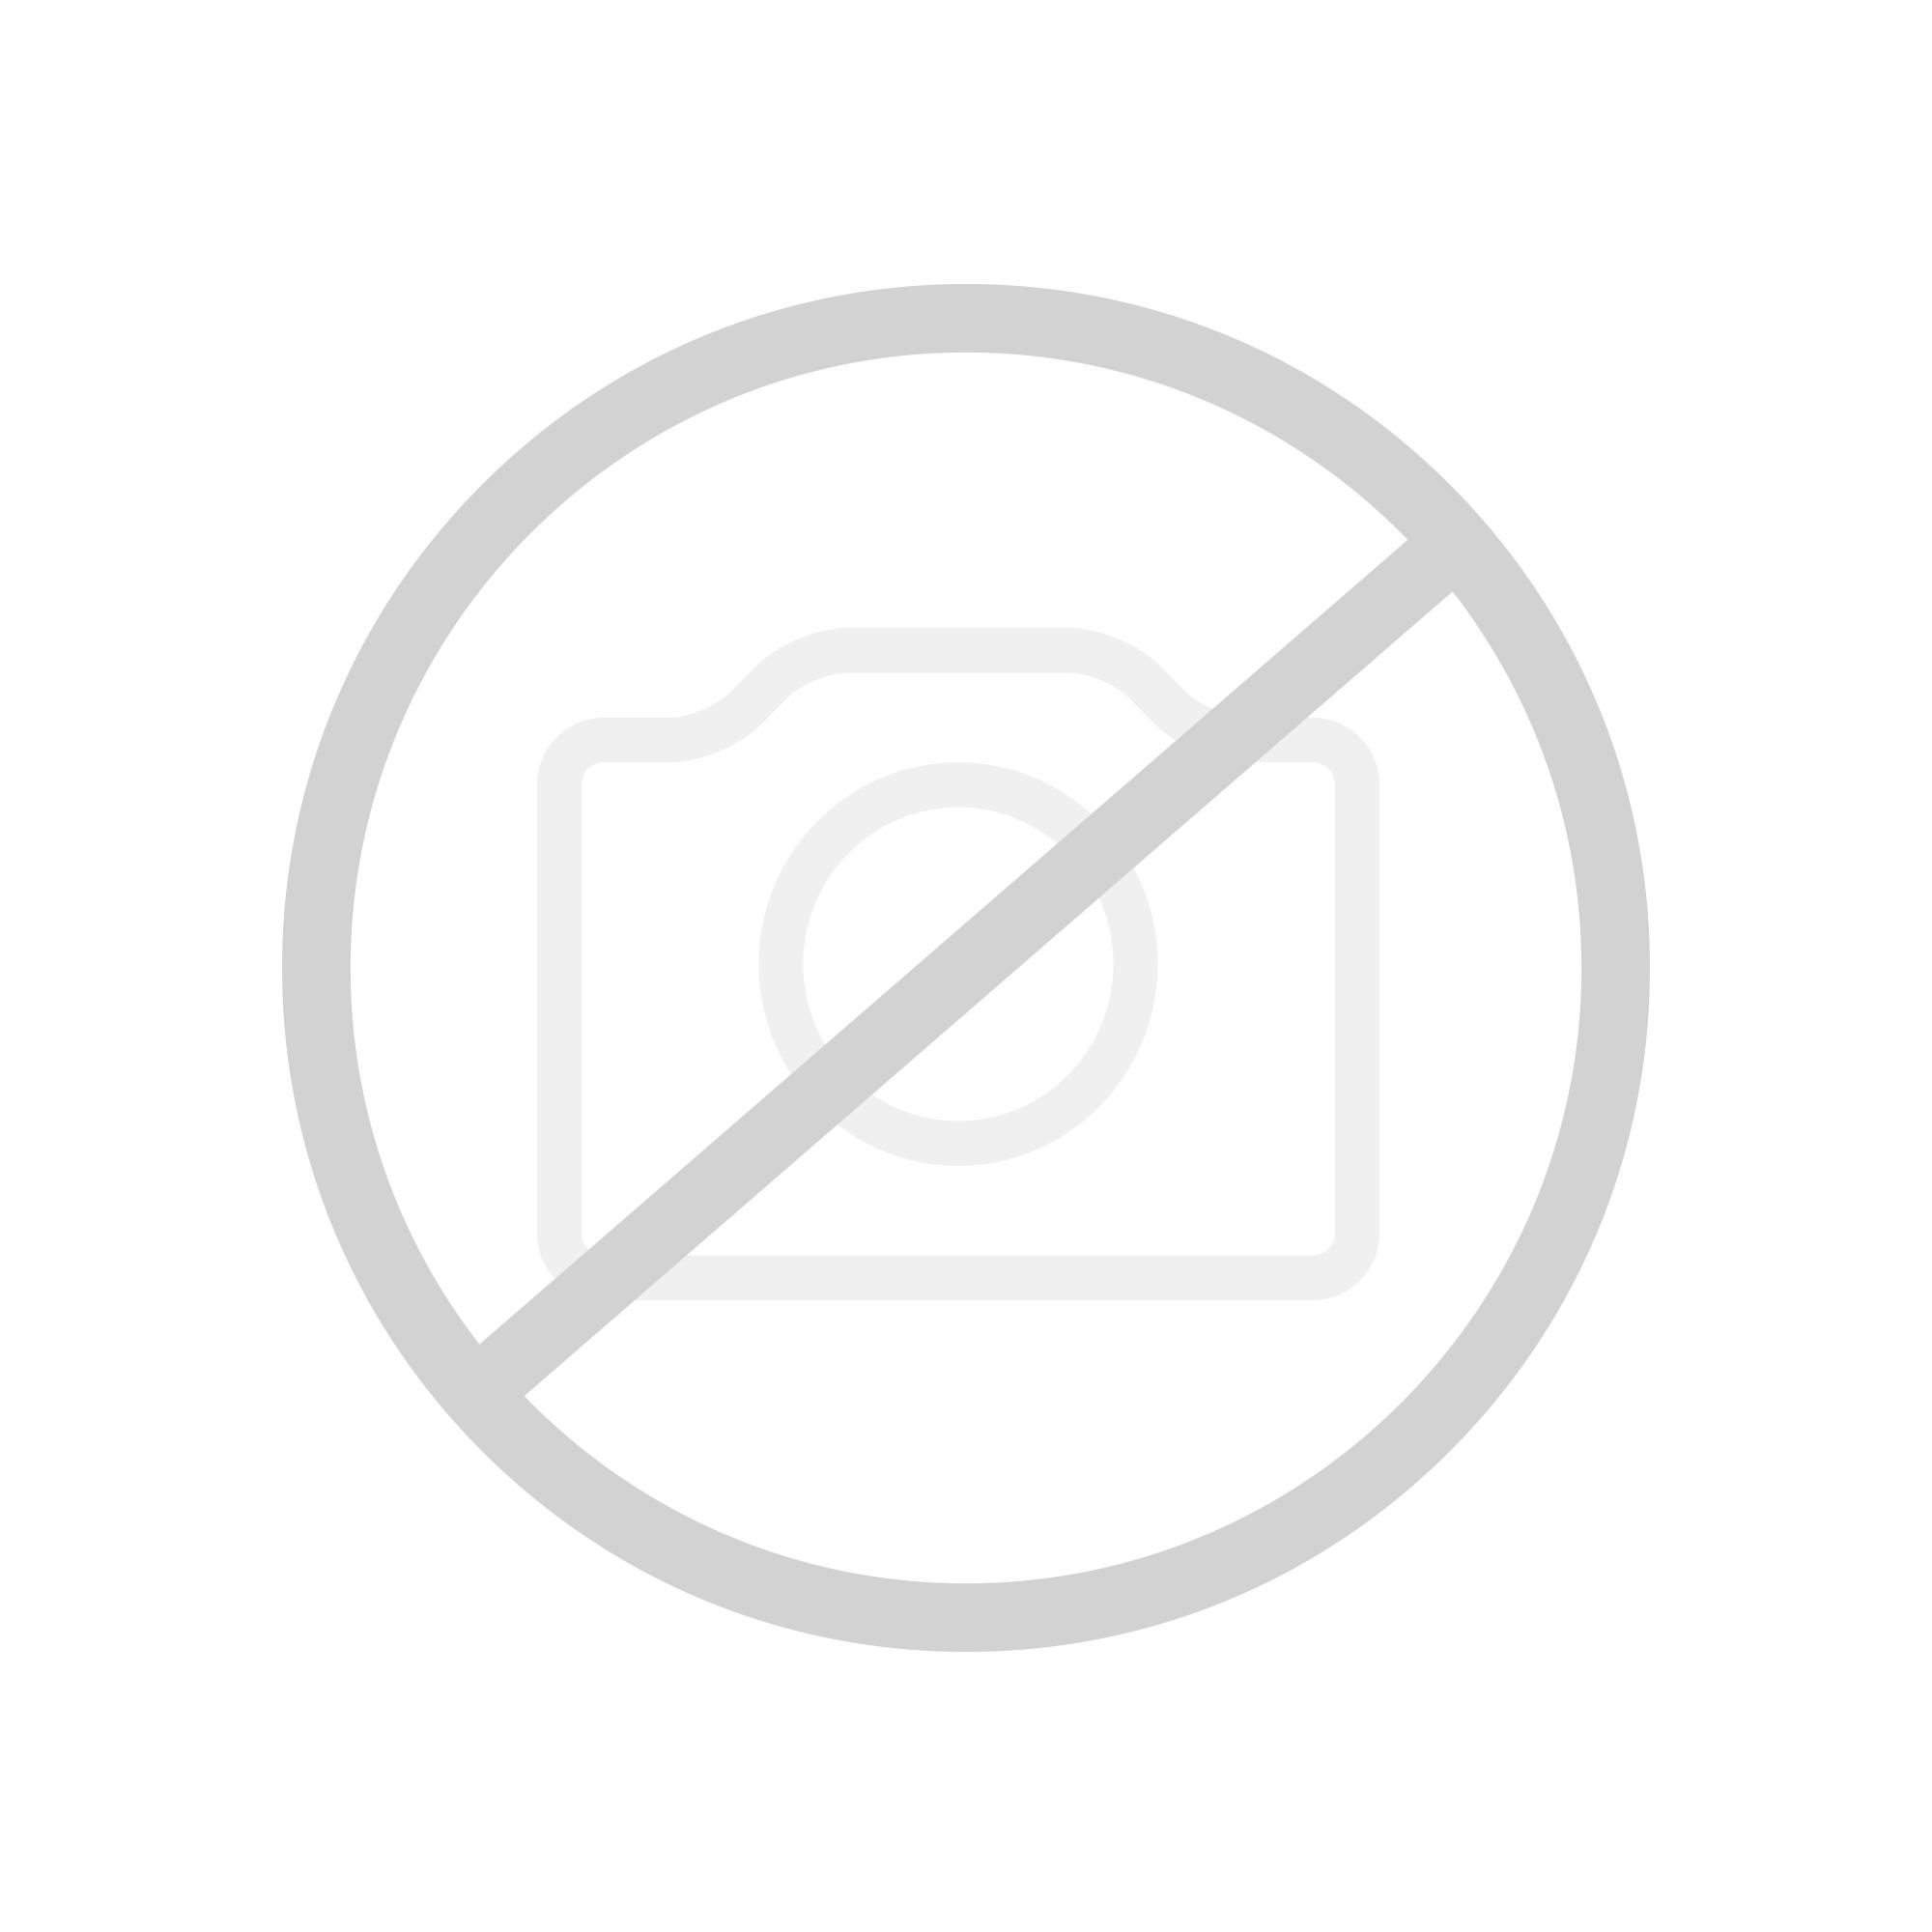 alte heizkörper: heizkörperaustausch ? lohnt sich das? reuter magazin - Moderne Heizkorper Wohnzimmer